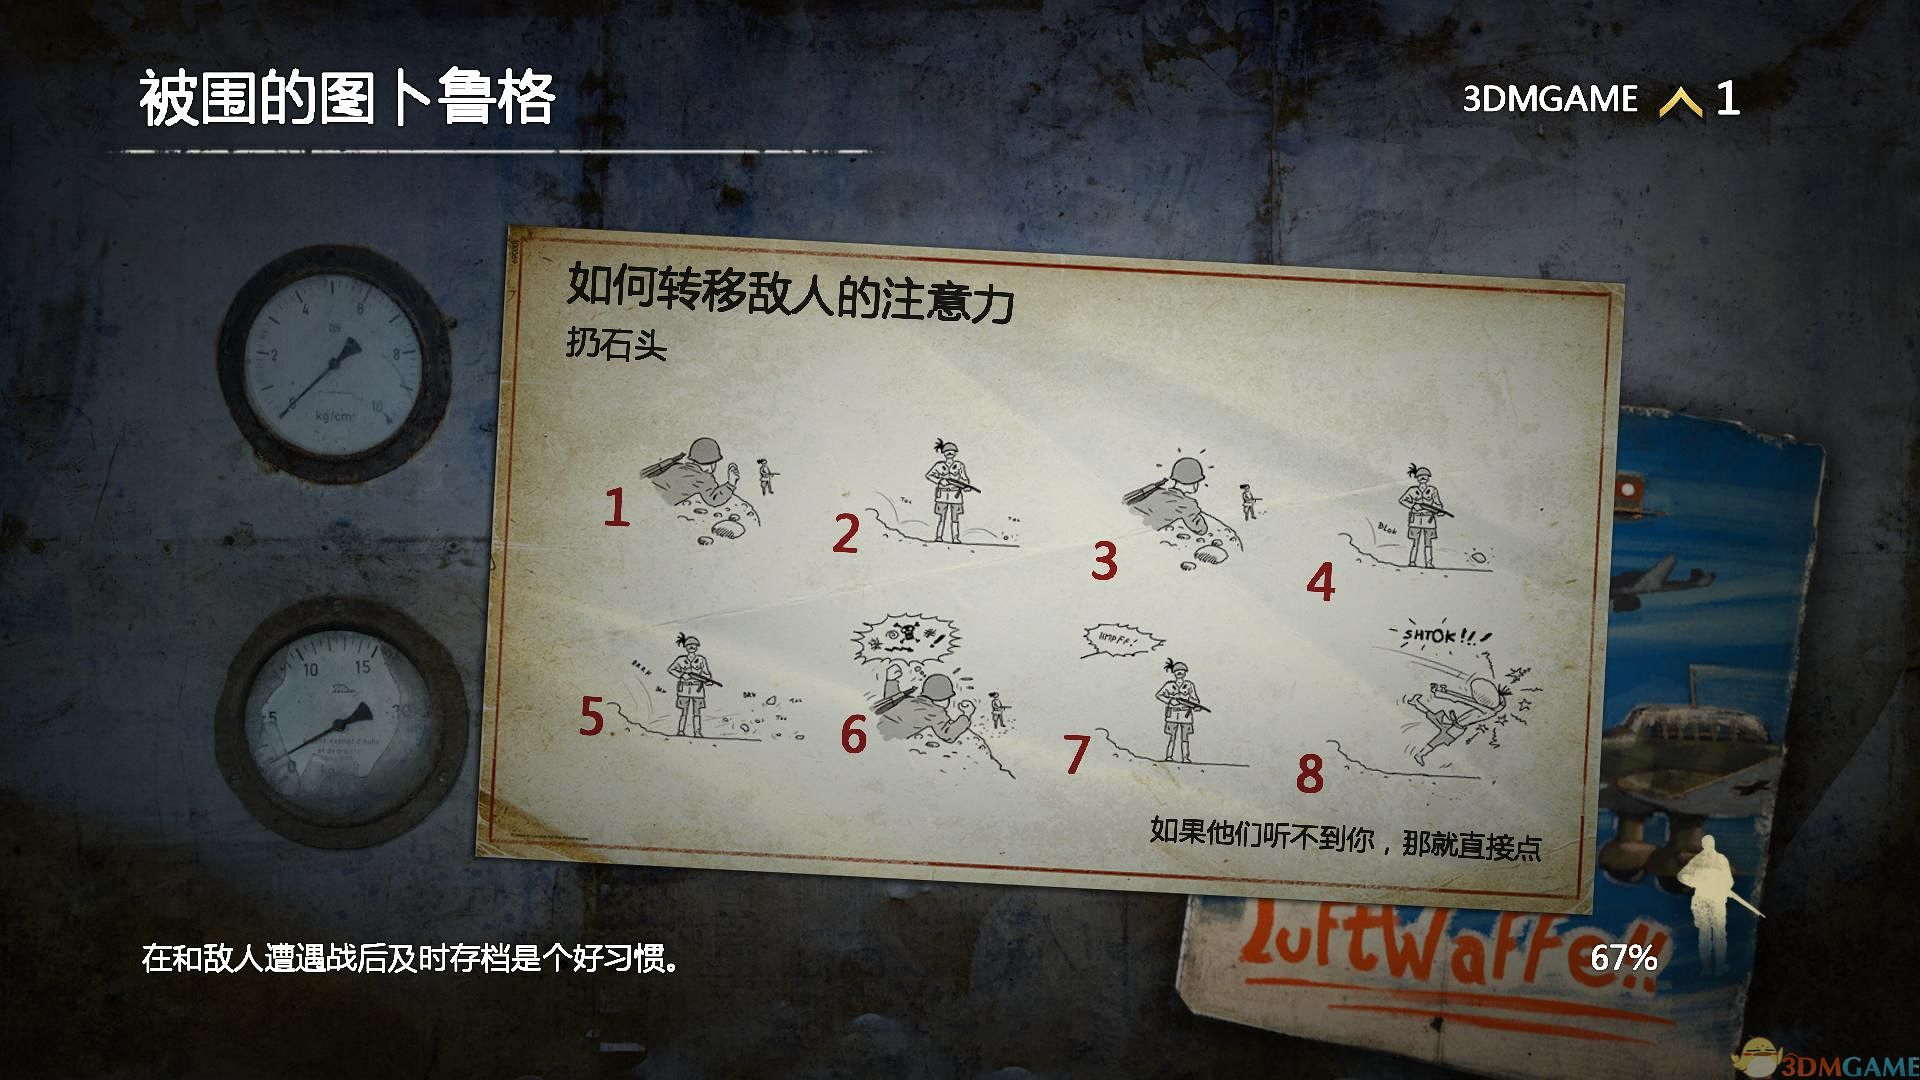 狙击精英3 11-12号(v1.12)升级档+DLC+破解补丁[RLD]